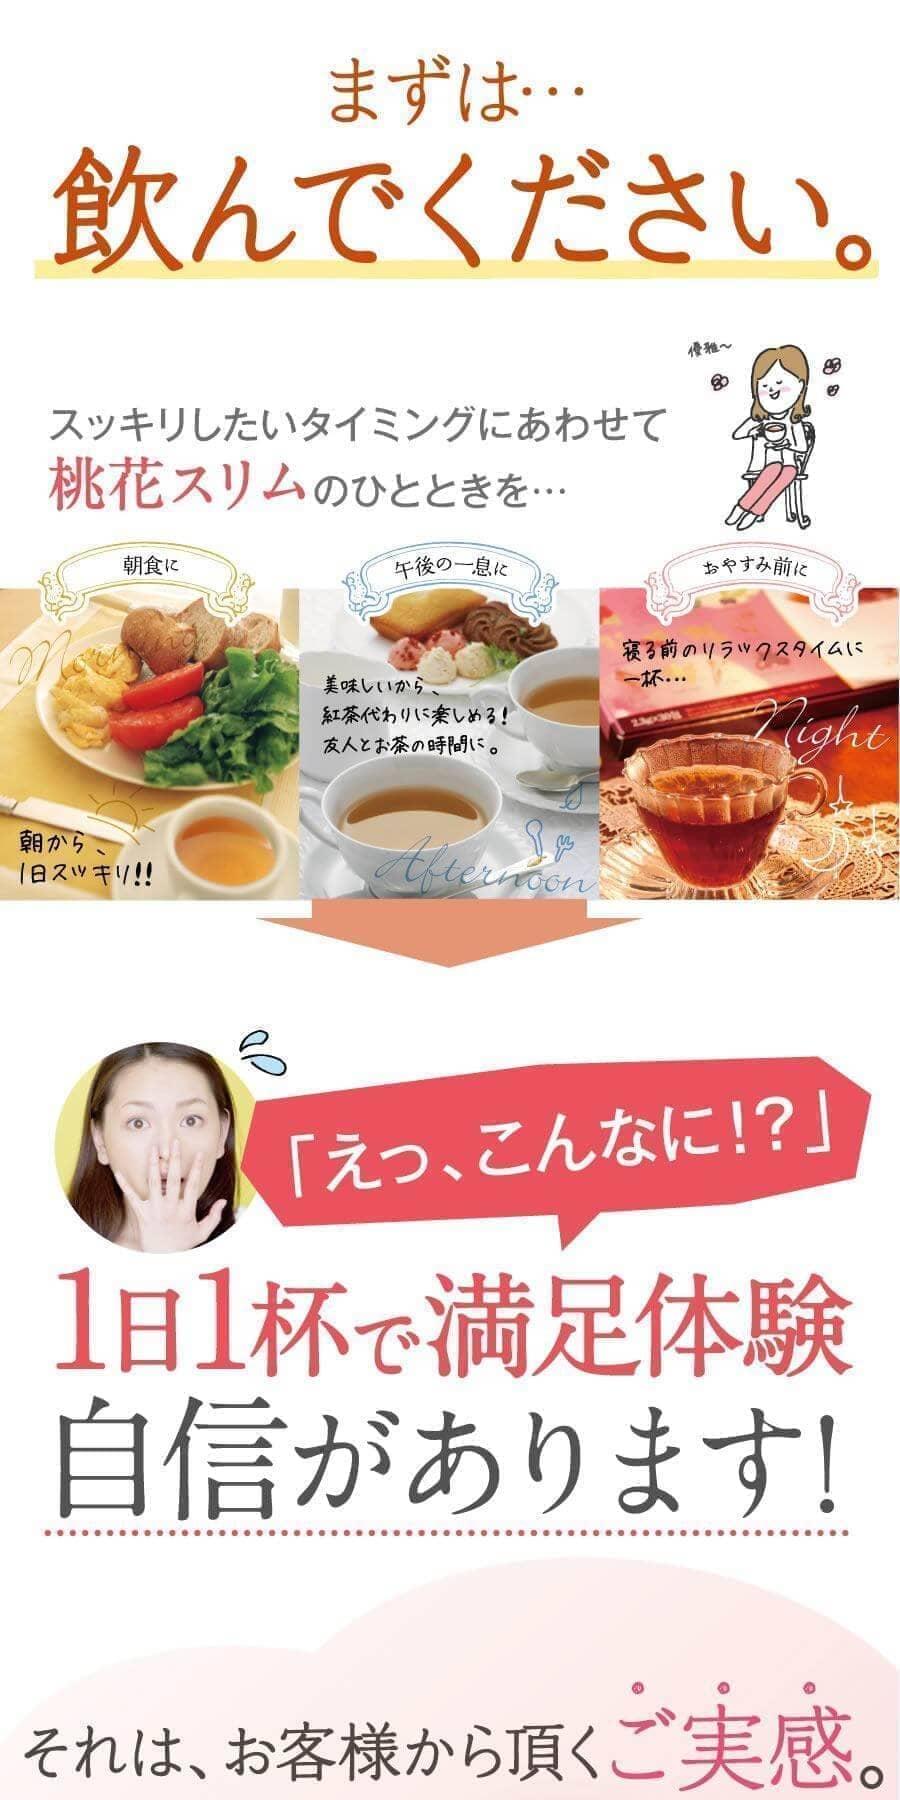 桃花スリムのひとときを…まずは飲んでください。